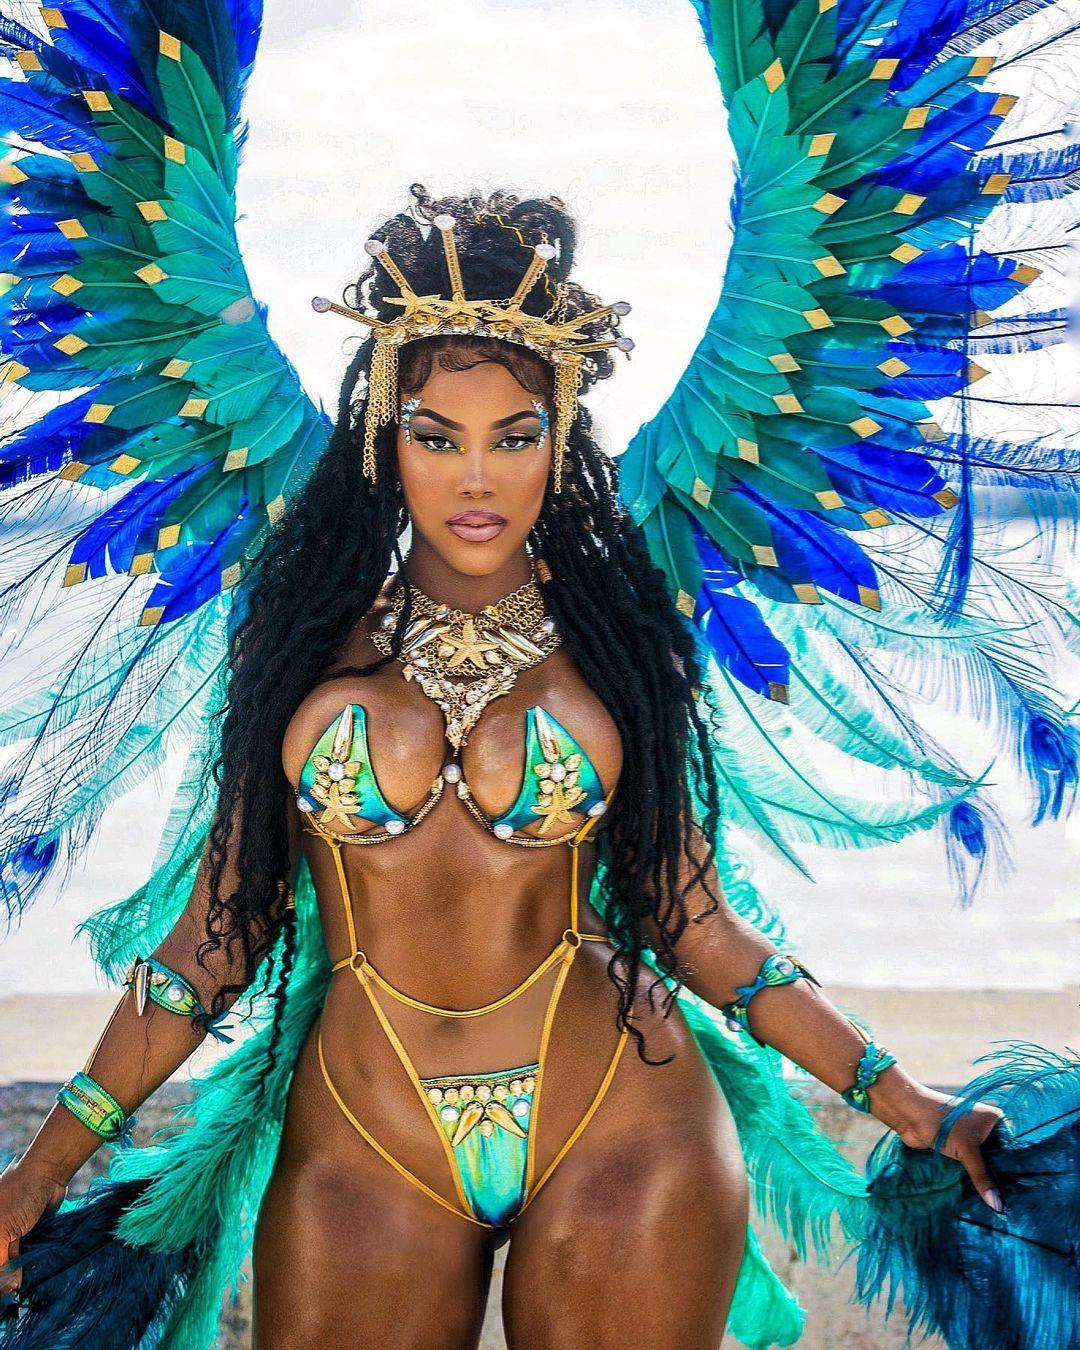 jessleewong-miami-carnival-beauty.jpg